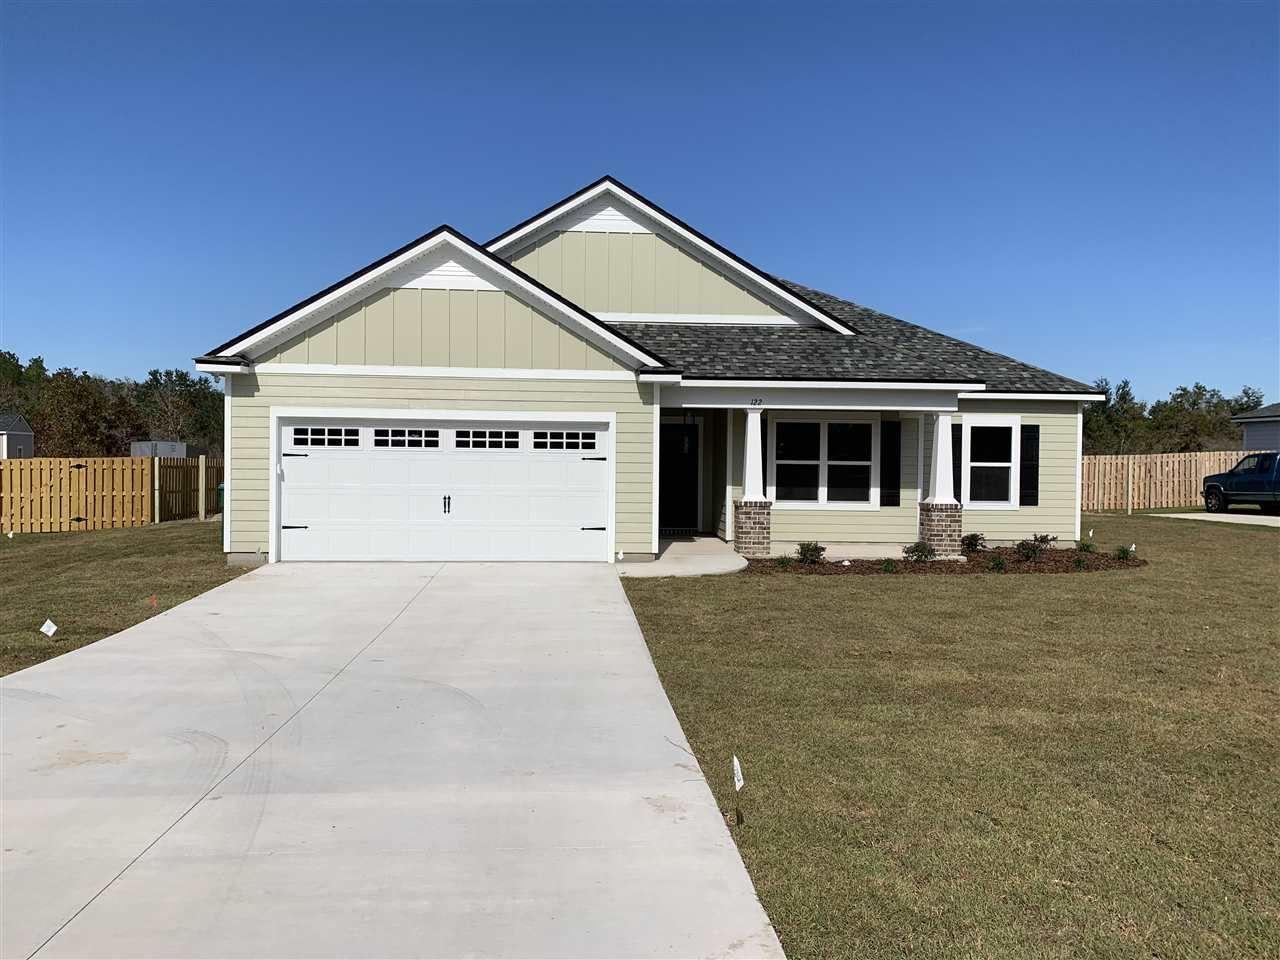 Lot 23 Brooks Drive, Crawfordville, FL 32327 - MLS#: 336428